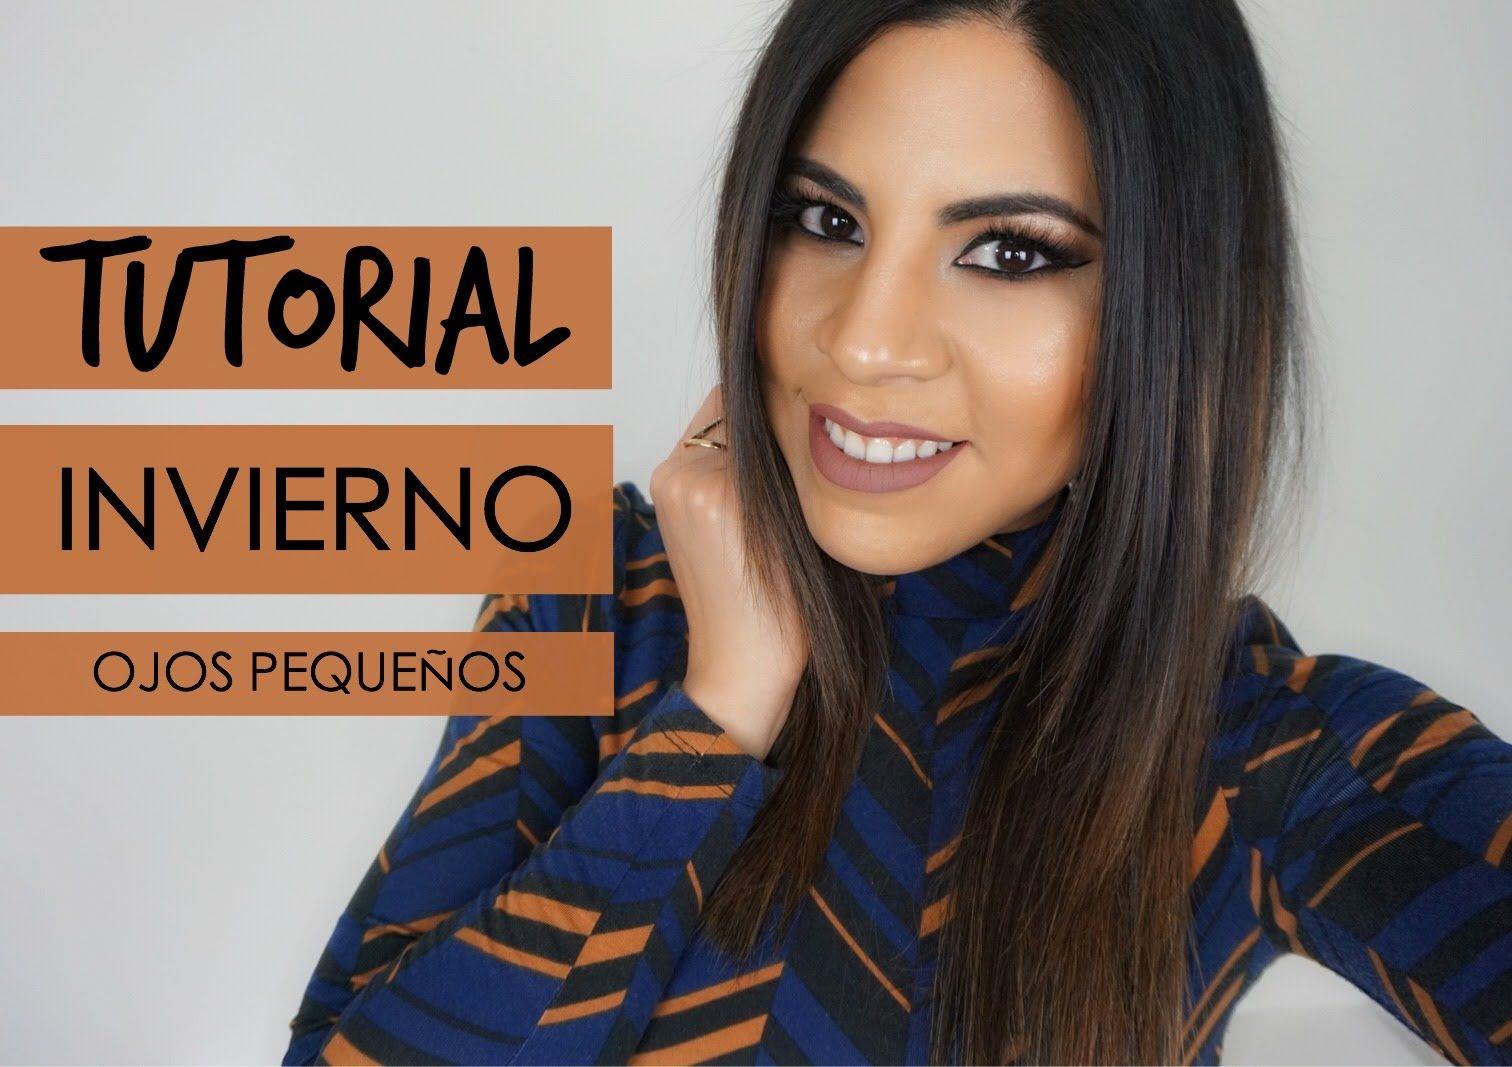 TUTORIAL MAQUILLAJE INVIERNO (OJOS PEQUEÑOS)  | Makeup by Michela